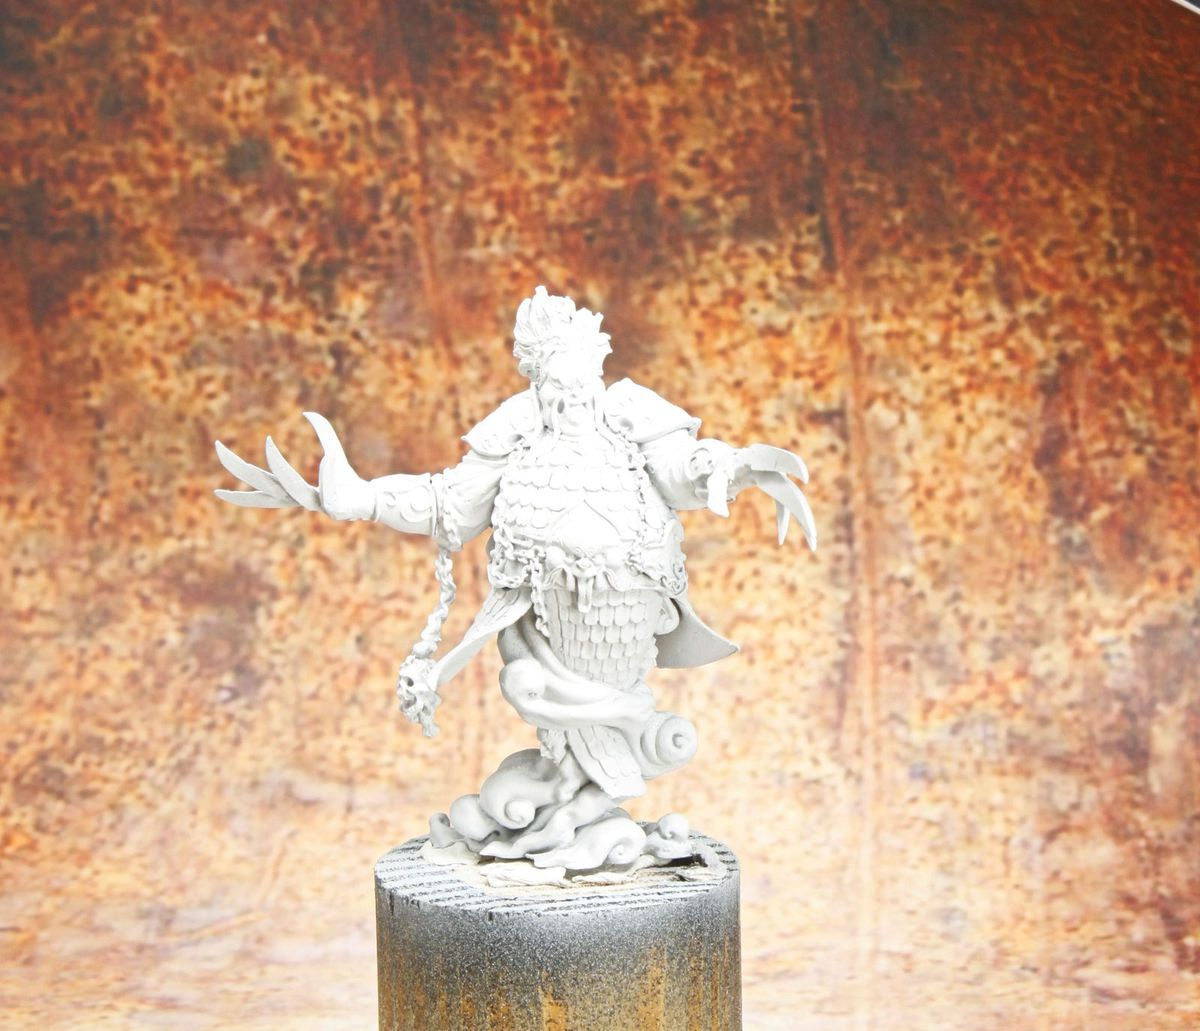 Tutoriel: Sha ren Zhe , Mercenaire Hell Dorado